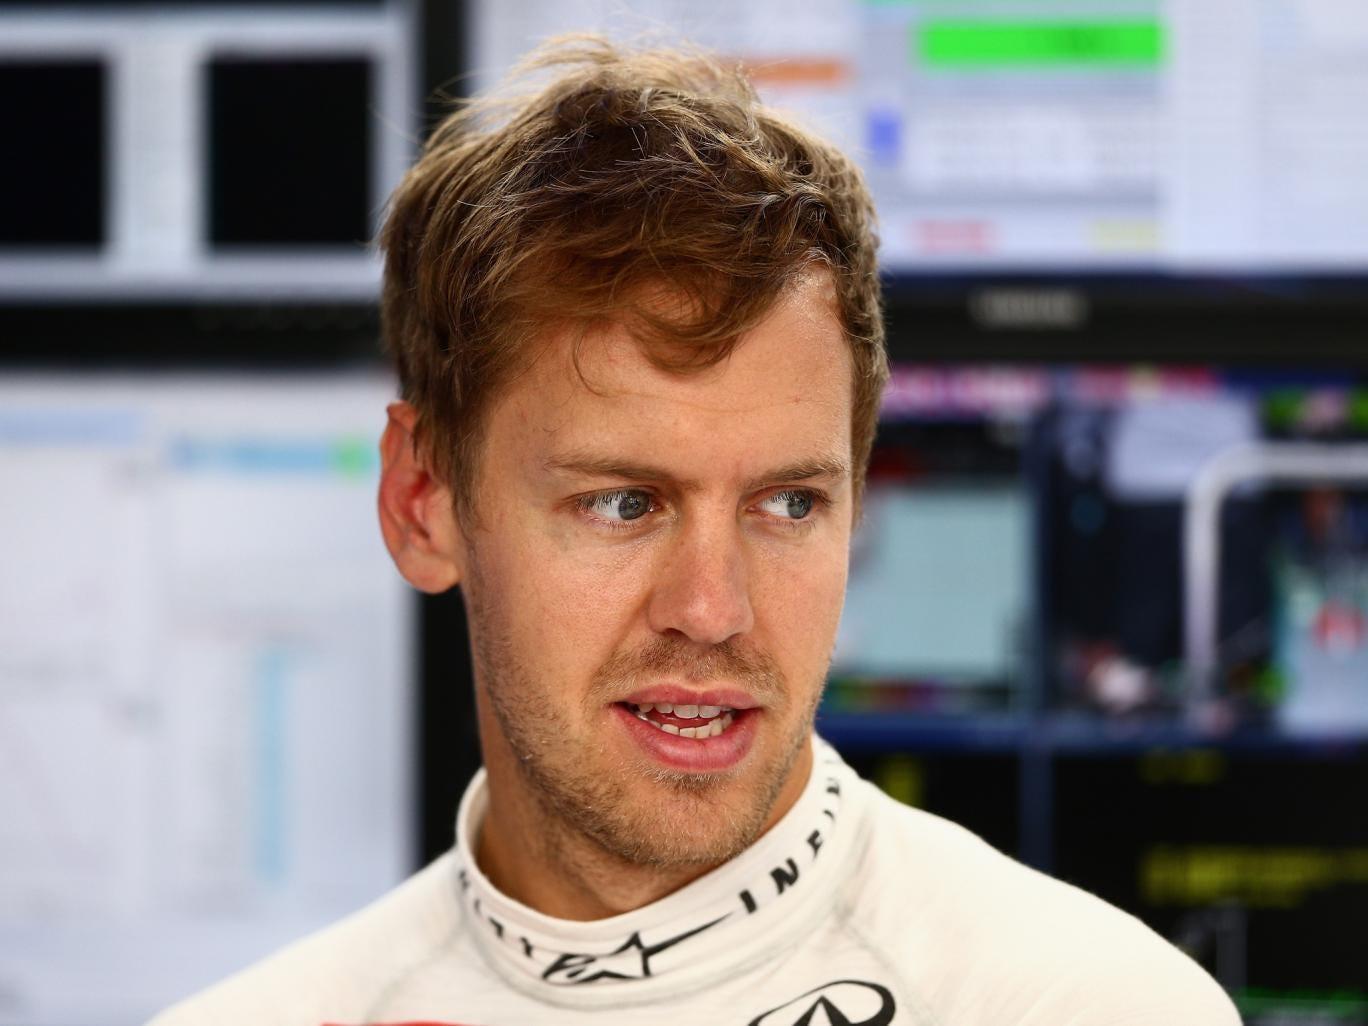 Sebastian Vettel looks on optimistically during practice for the Monaco Grand Prix